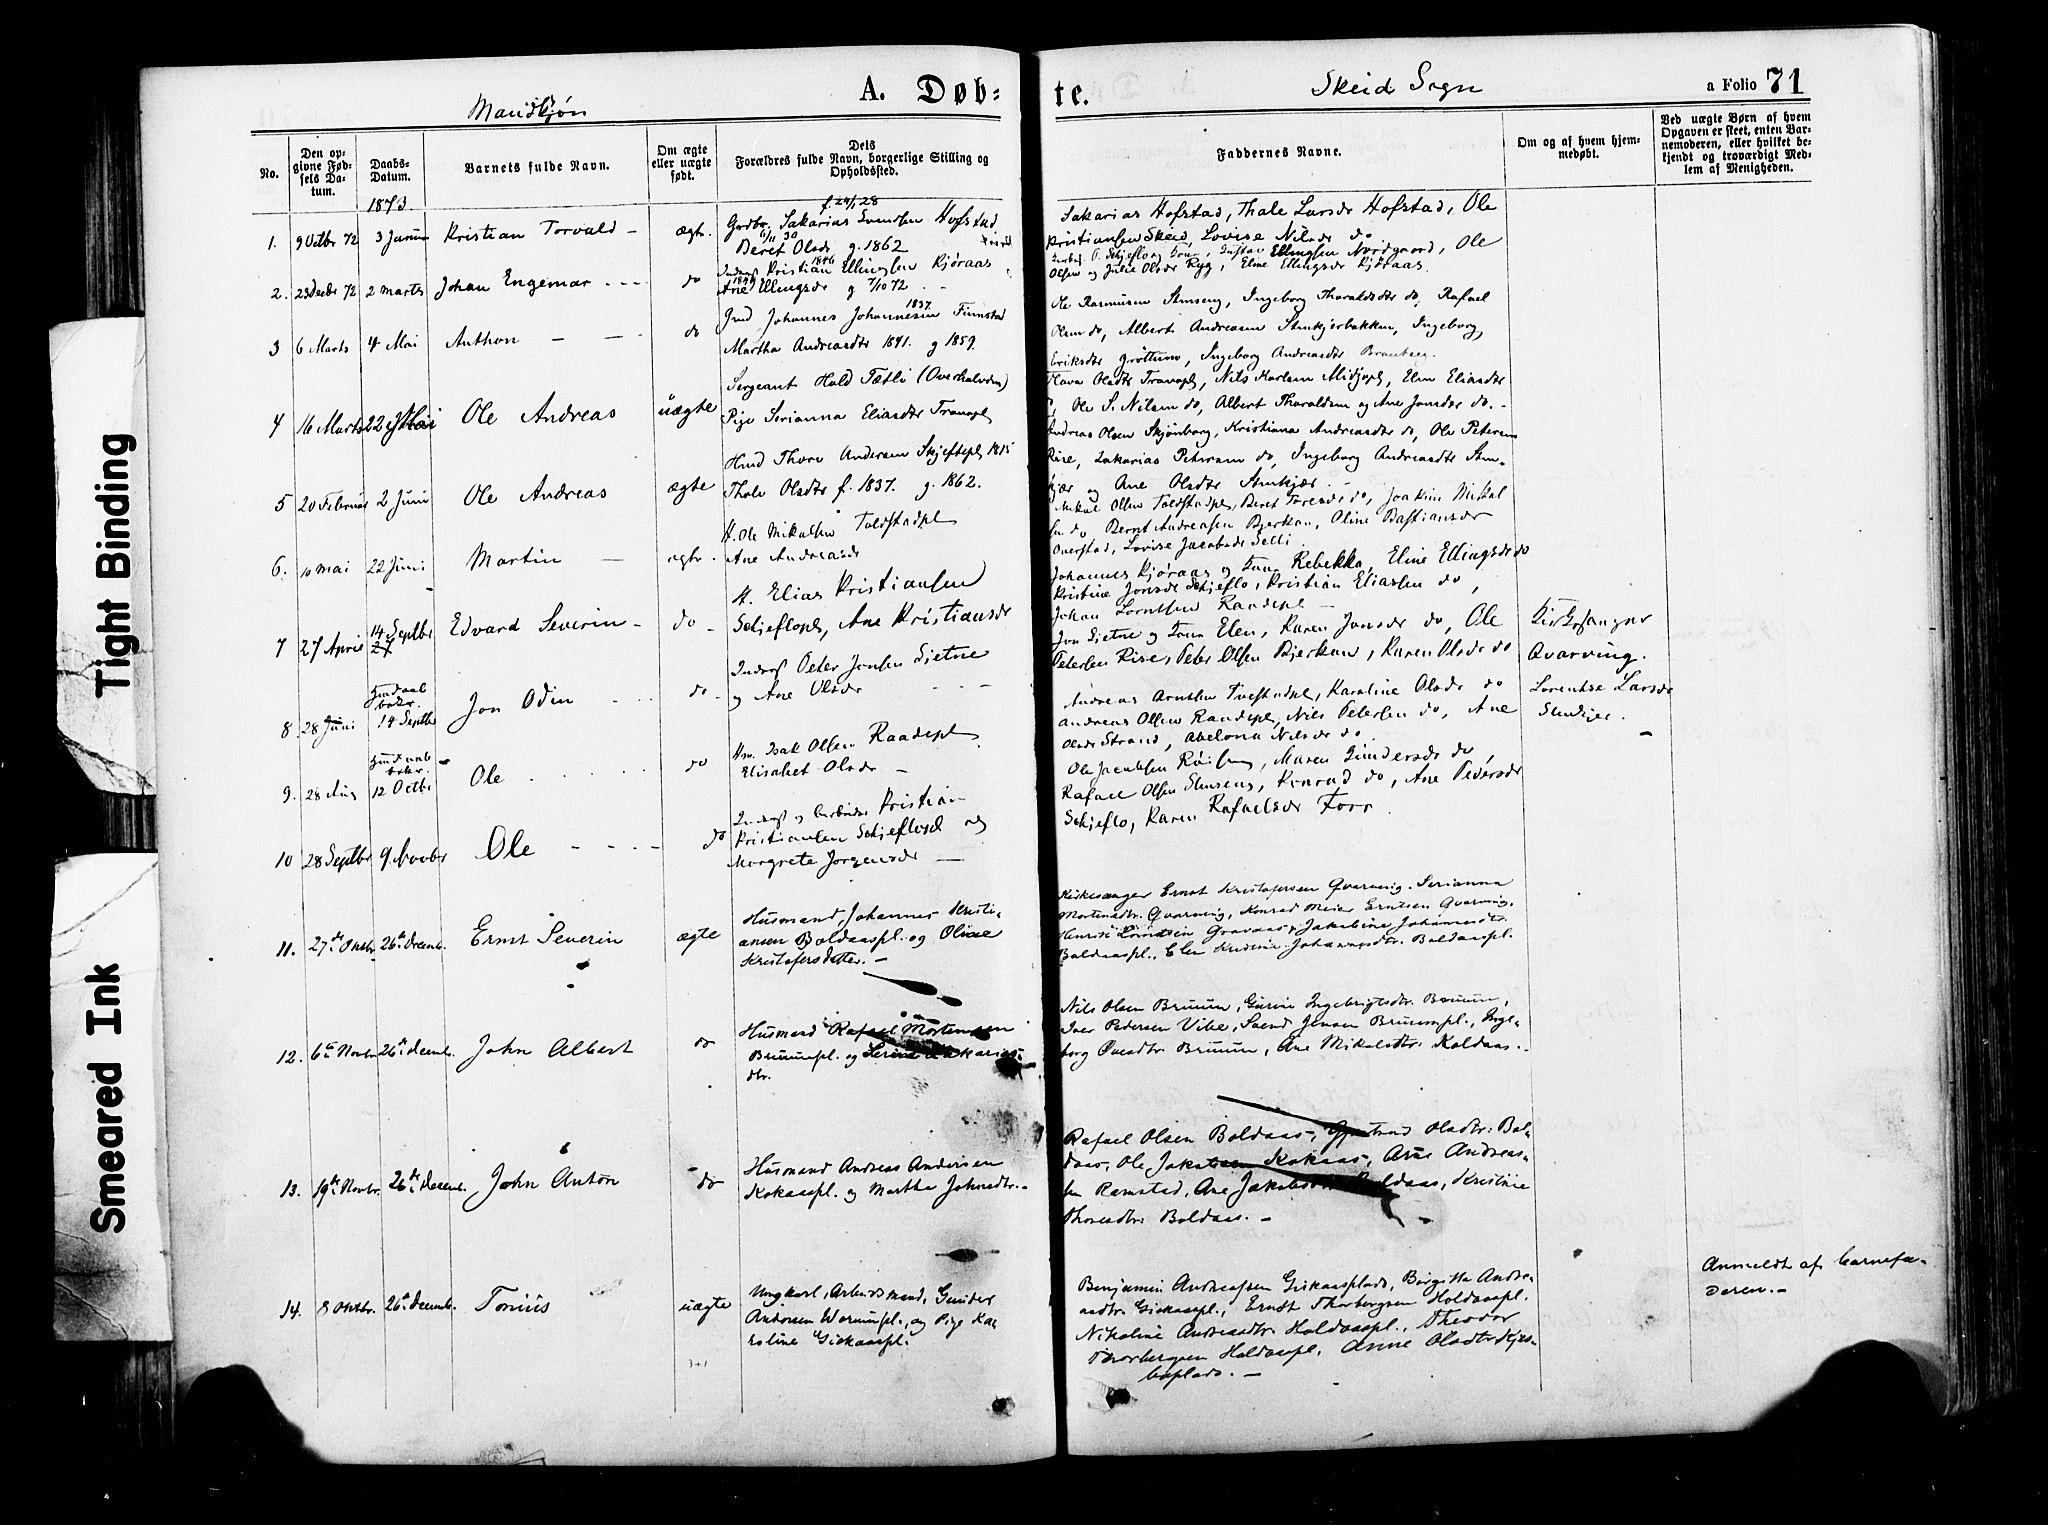 SAT, Ministerialprotokoller, klokkerbøker og fødselsregistre - Nord-Trøndelag, 735/L0348: Ministerialbok nr. 735A09 /2, 1873-1883, s. 71